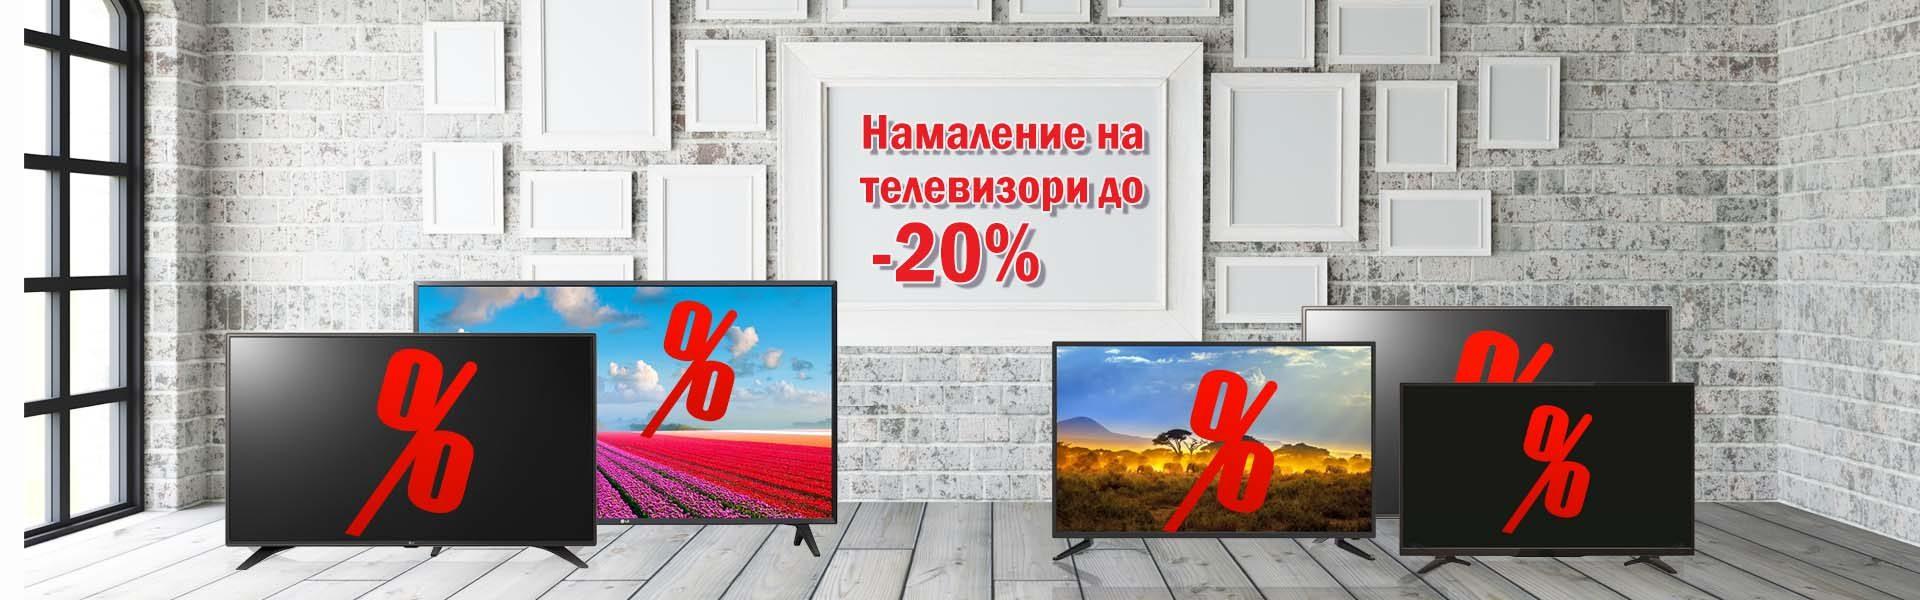 Разпродажба на телевизори